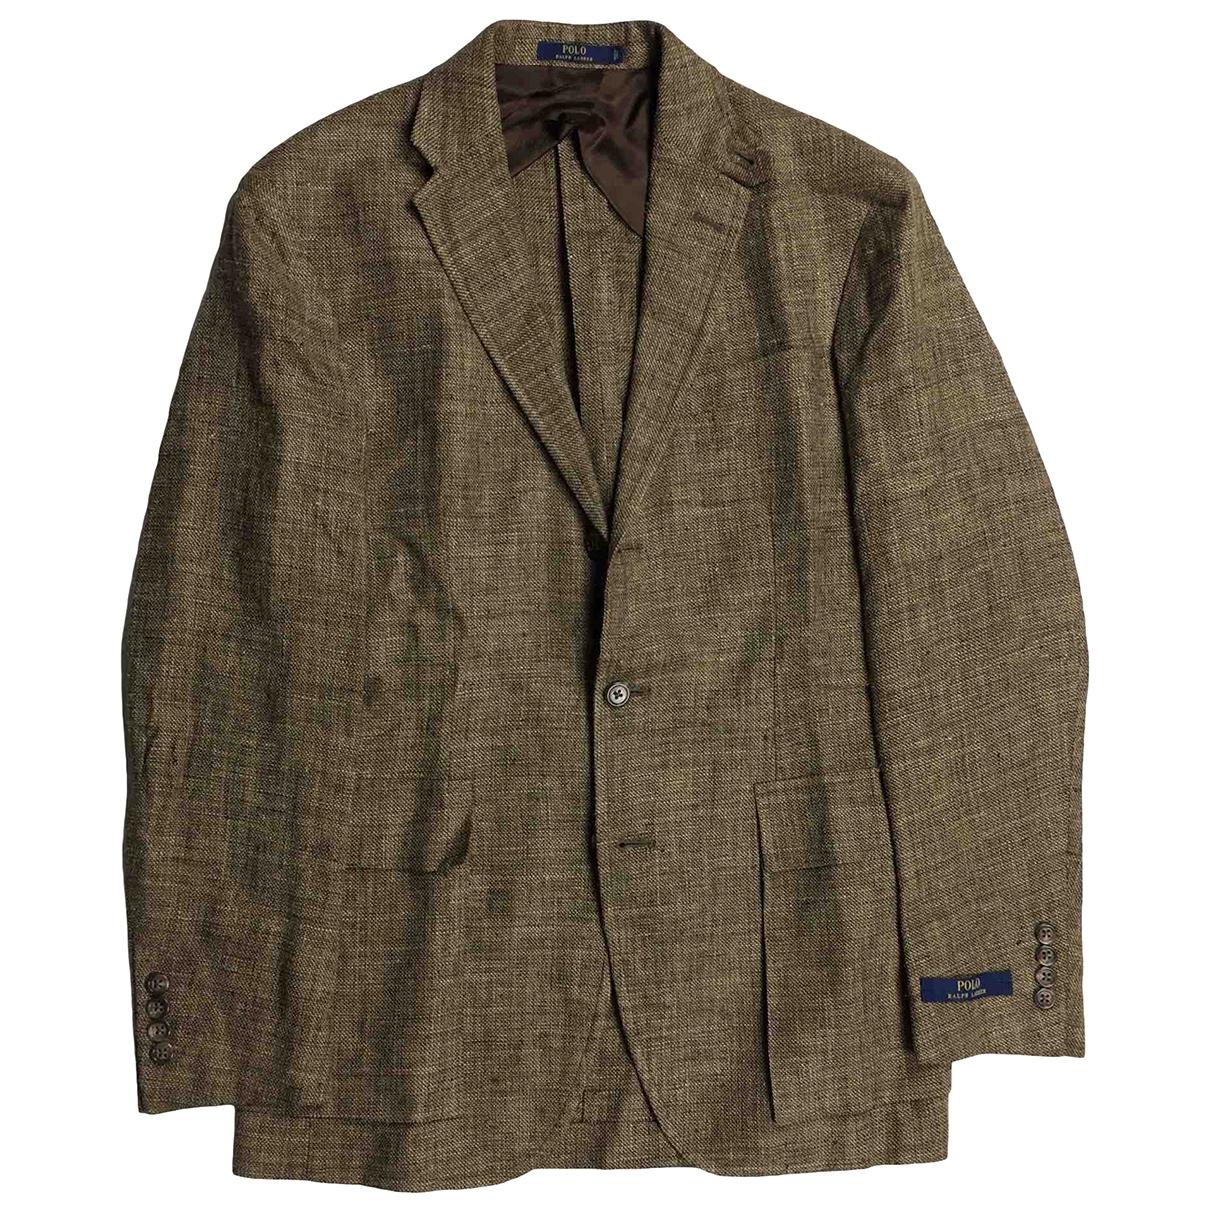 Polo Ralph Lauren \N Brown Silk jacket  for Men 38 UK - US